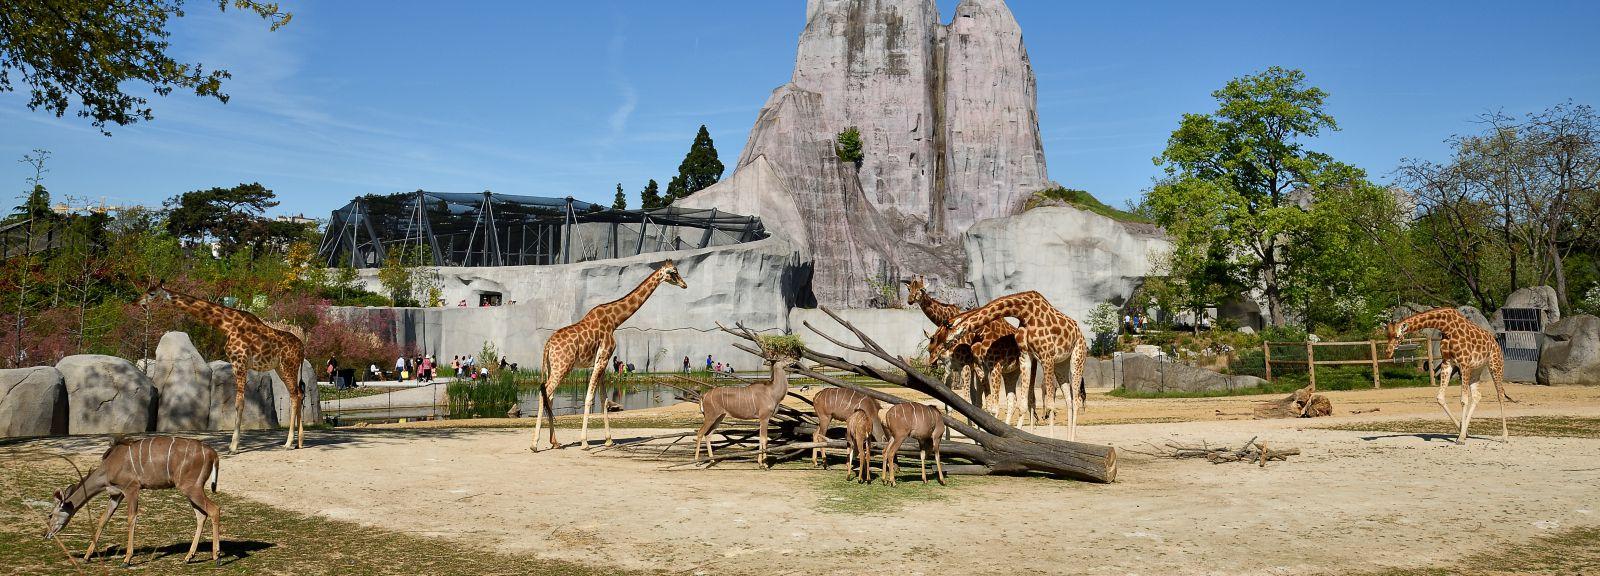 L'enclos des girafes.